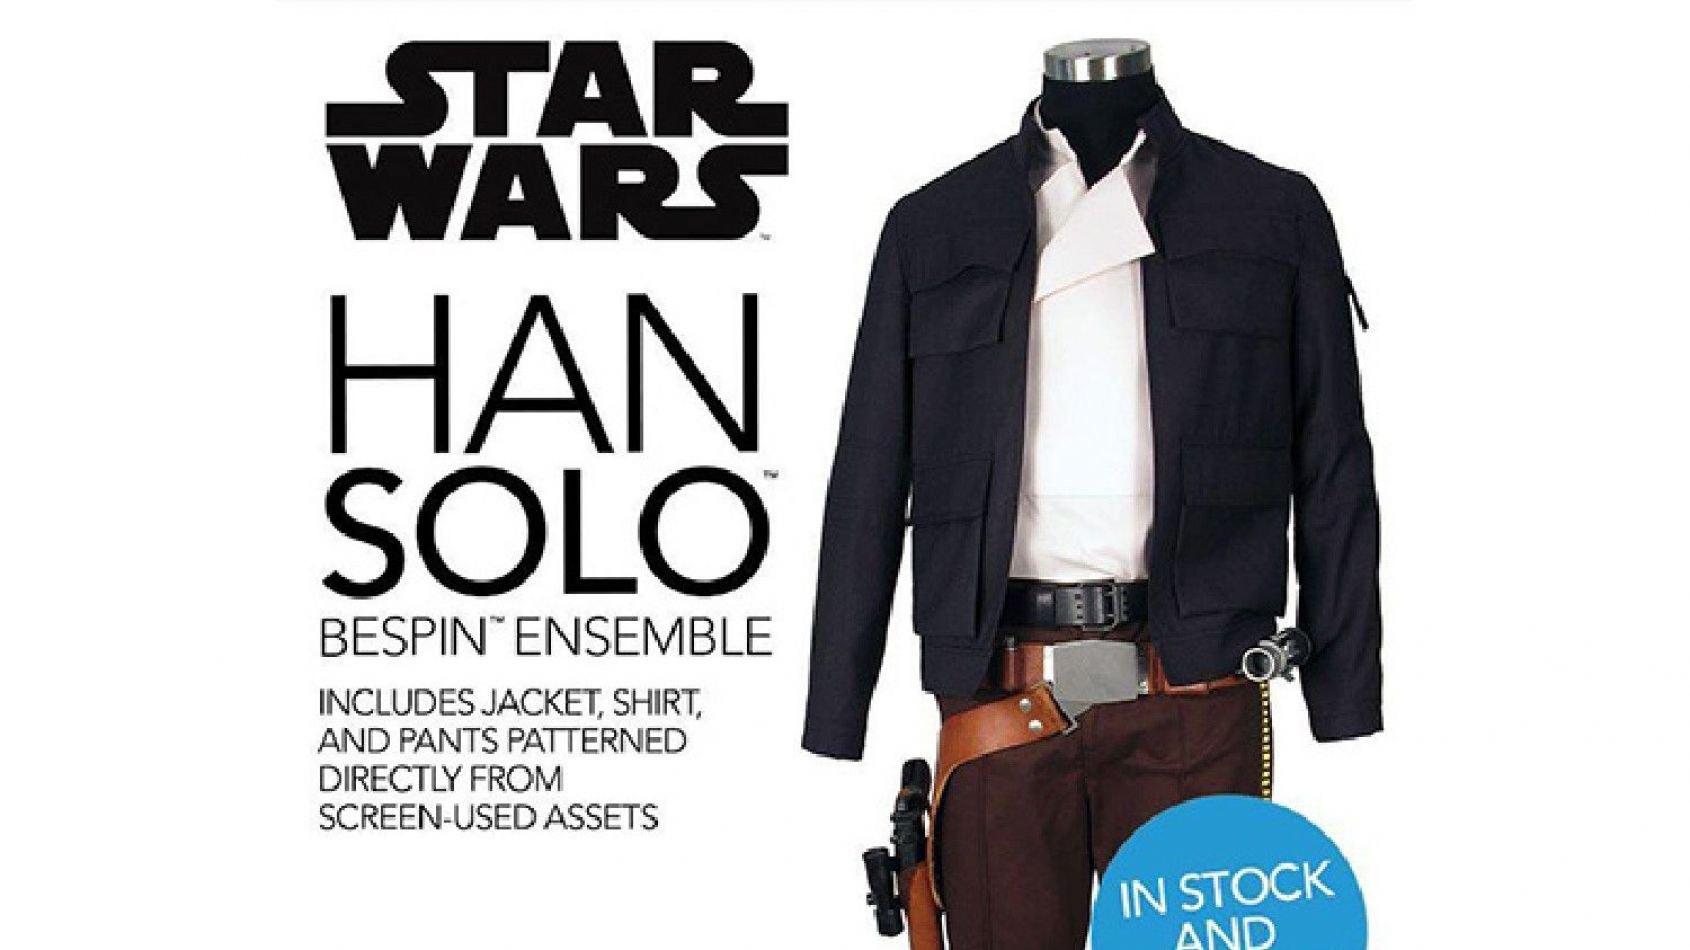 La tenue de Han Solo et ses accessoires est en stock chez ANOVOS